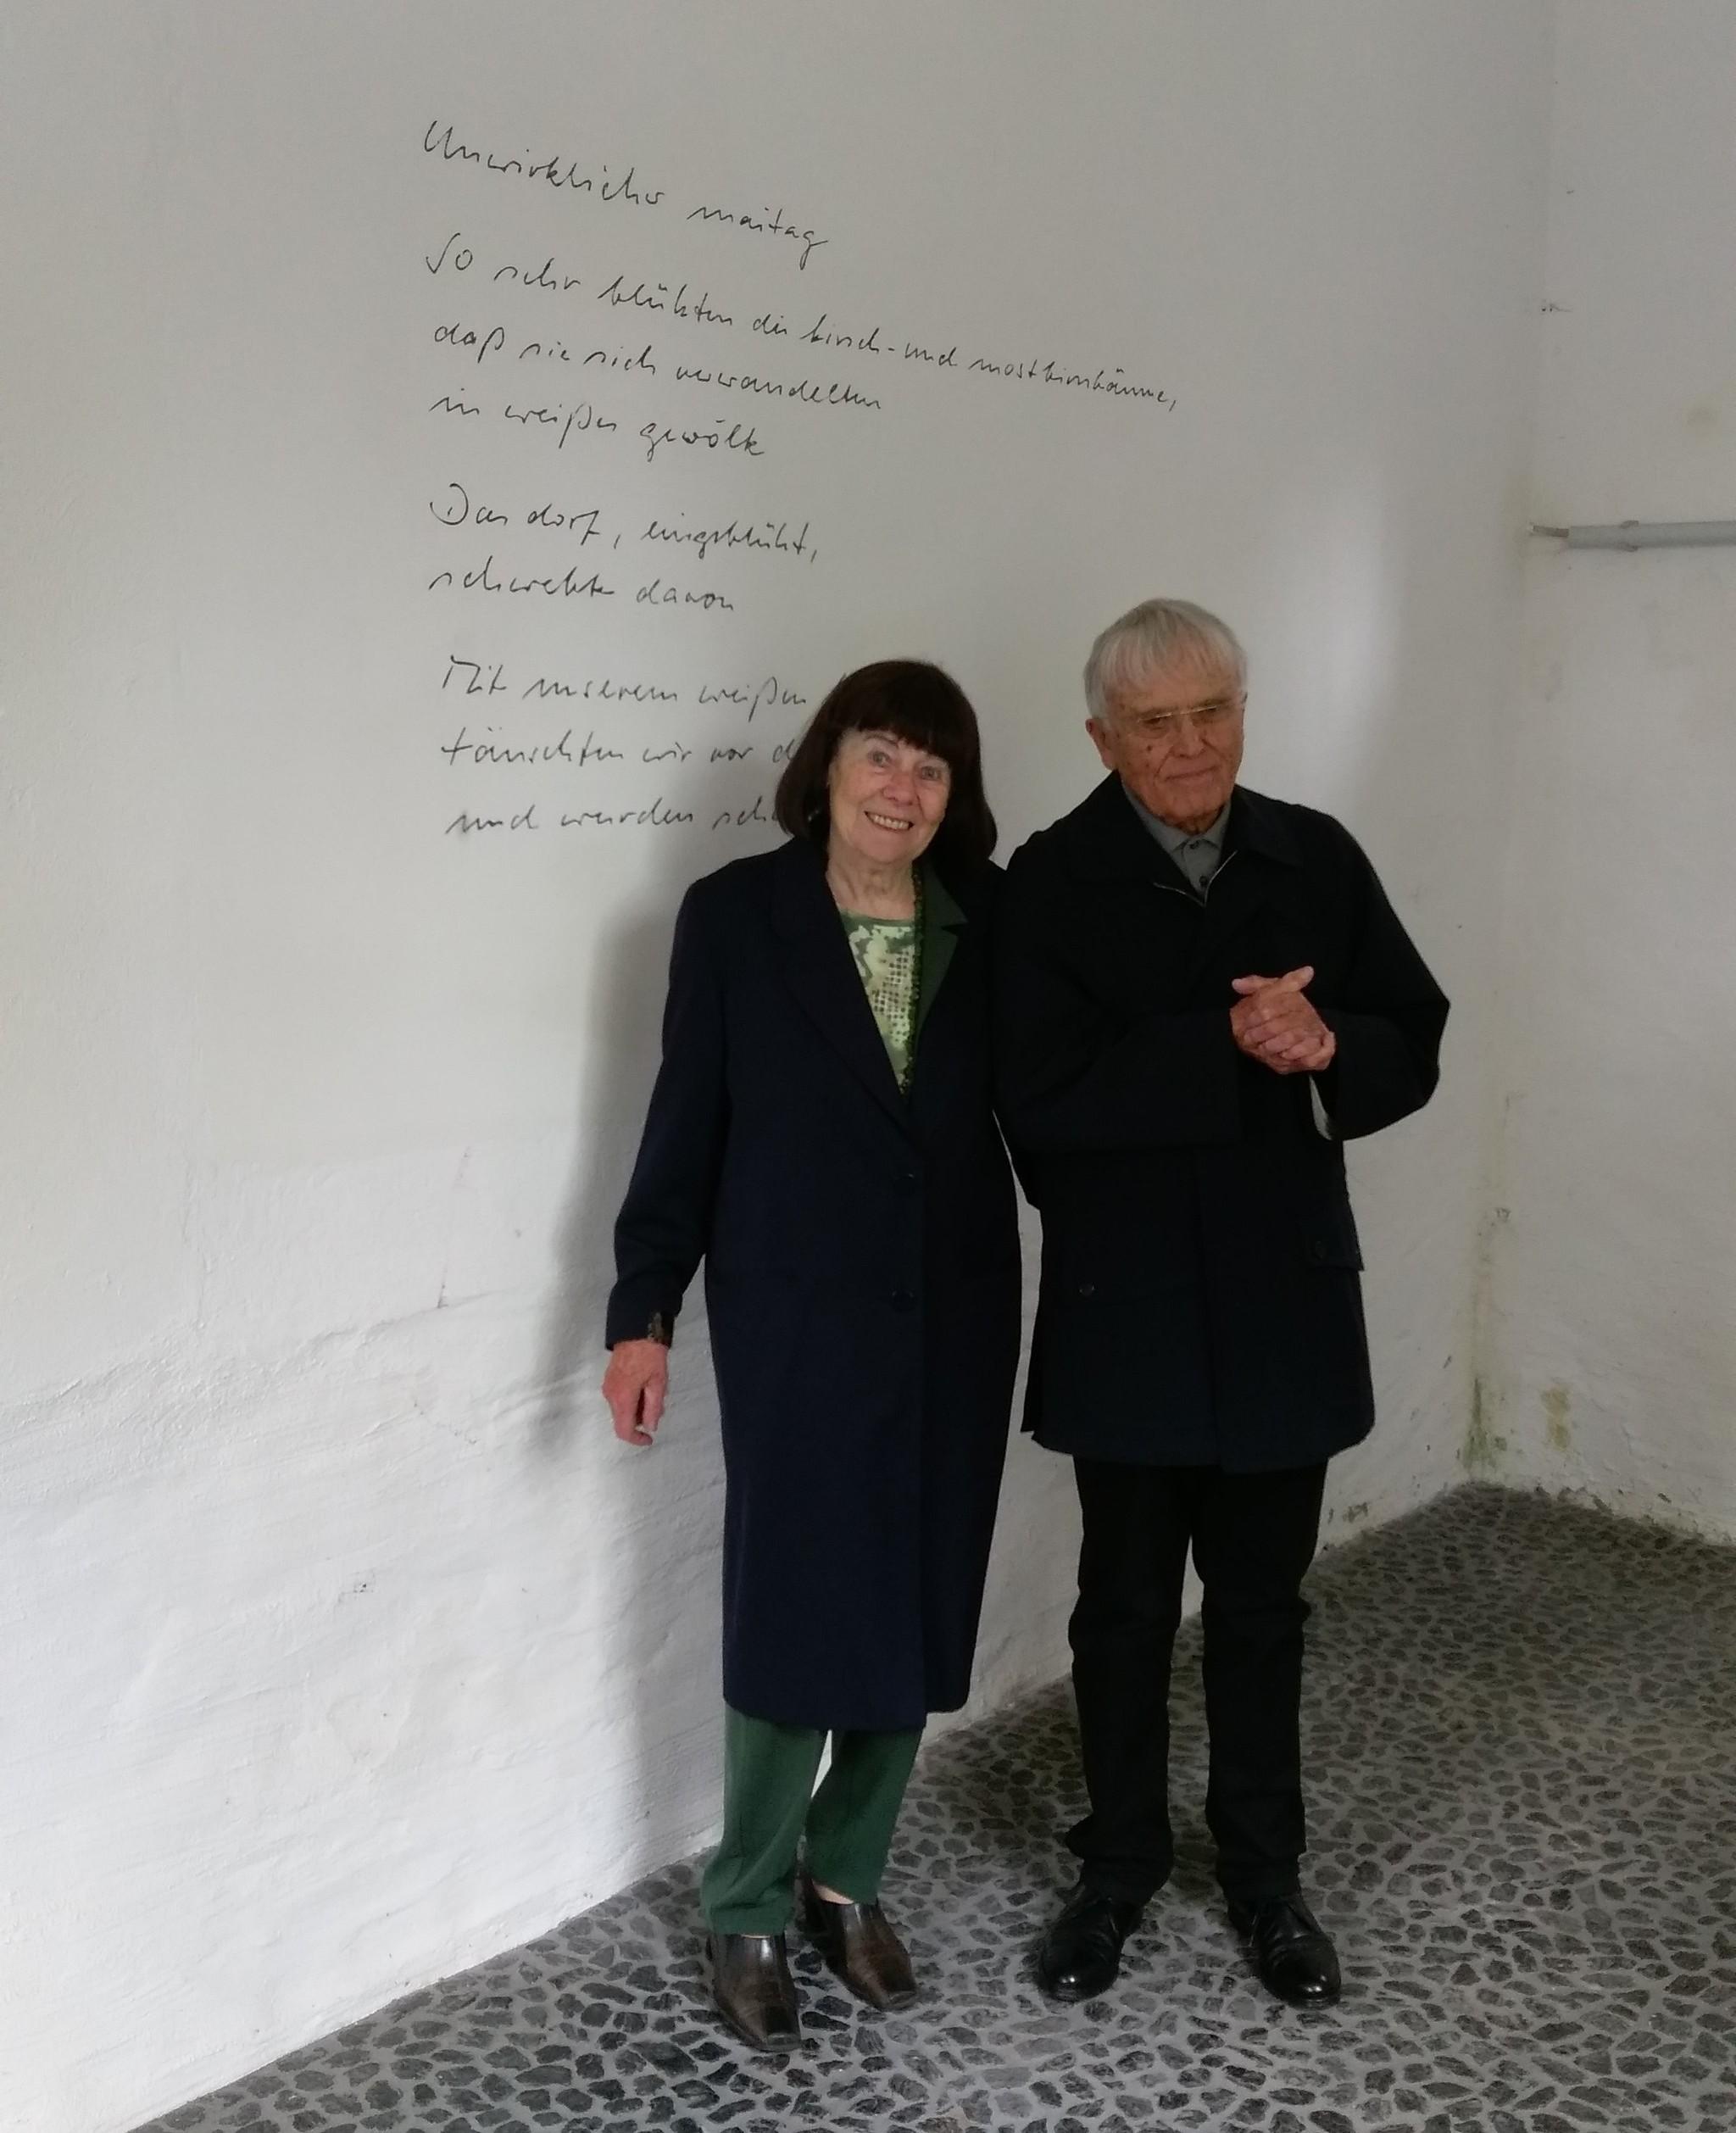 """Reiner und Elisabeth Kunze besuchen im Mai 2017 die Raumarbeit """"Poesie der Energie"""" des Künstlers Frank Maibier in Oelsnitz/Erzgebirge. / © Sachsenbambus, CC BY-SA 4.0"""